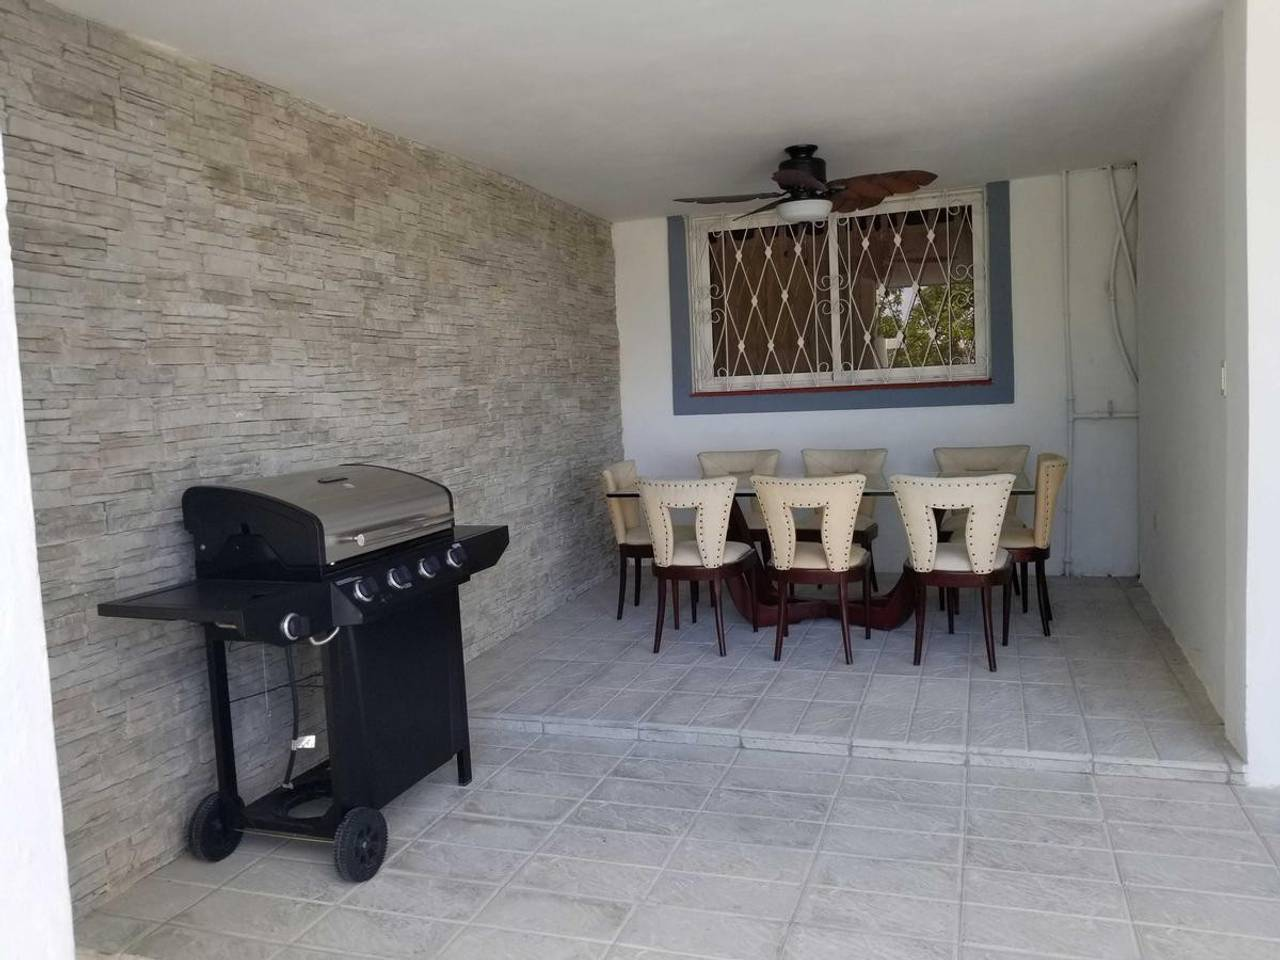 Villa Don Teto 8 Rooms: Luxury & Great Havana View photo 16367637